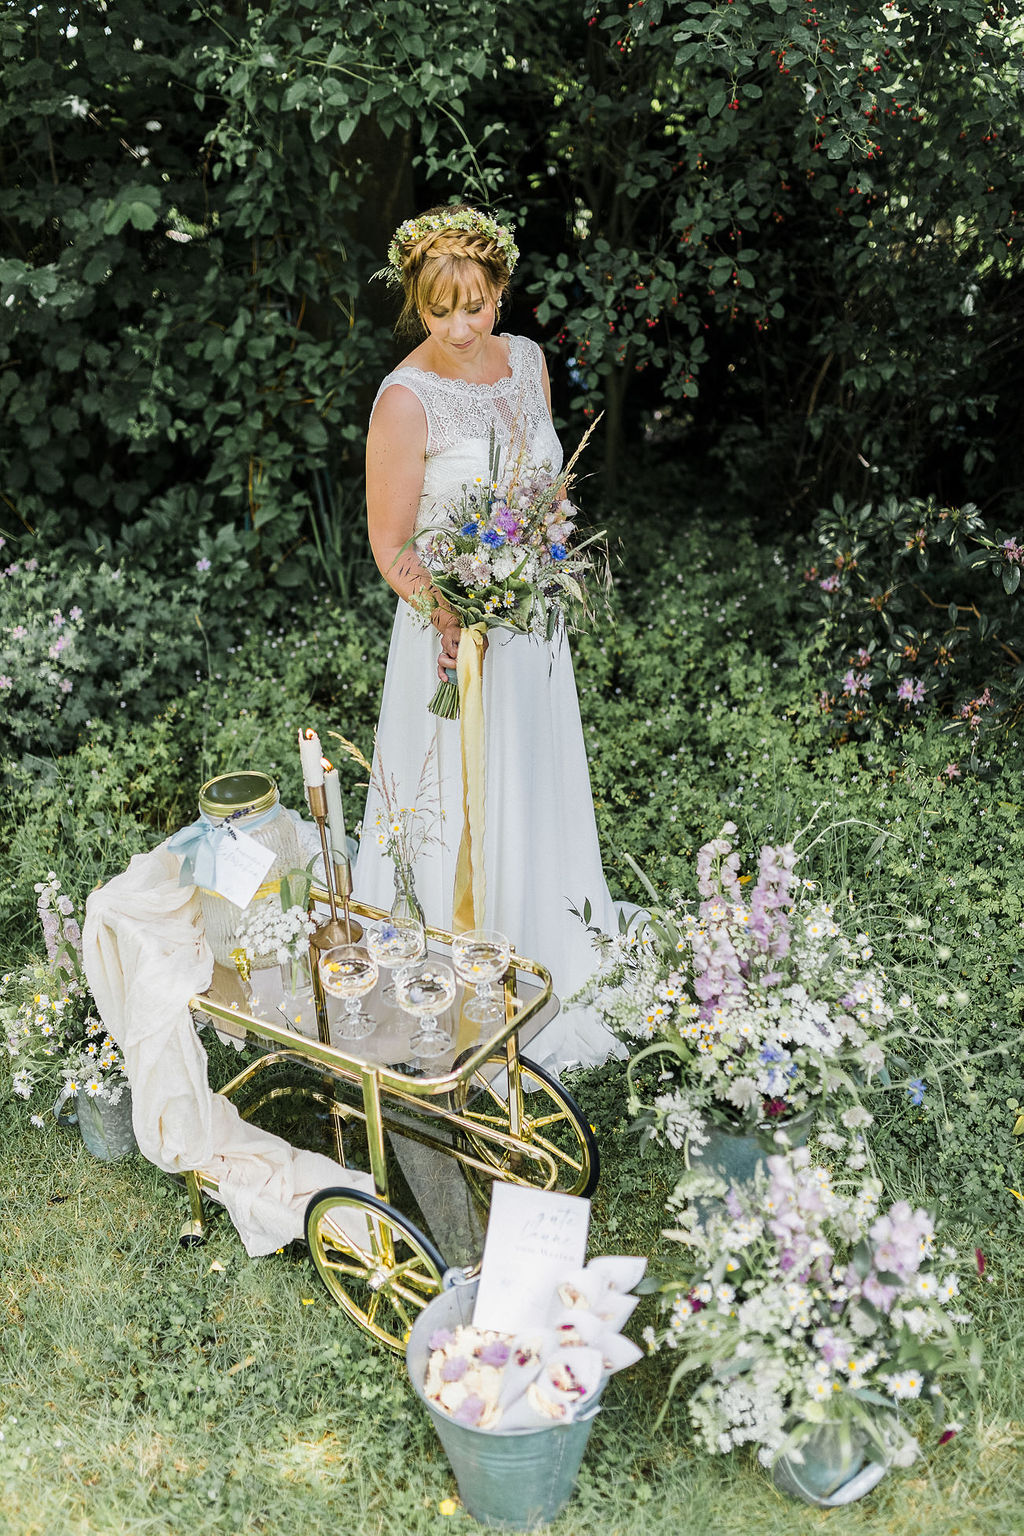 Hochzeit im eigenen Garten, Gartenhochzeit, nachhaltig heiraten, Heiraten zu Hause, Corona Hochzeit, Outdoor Hochzeit, Tiny Wedding, Wiesenblumen, Boho